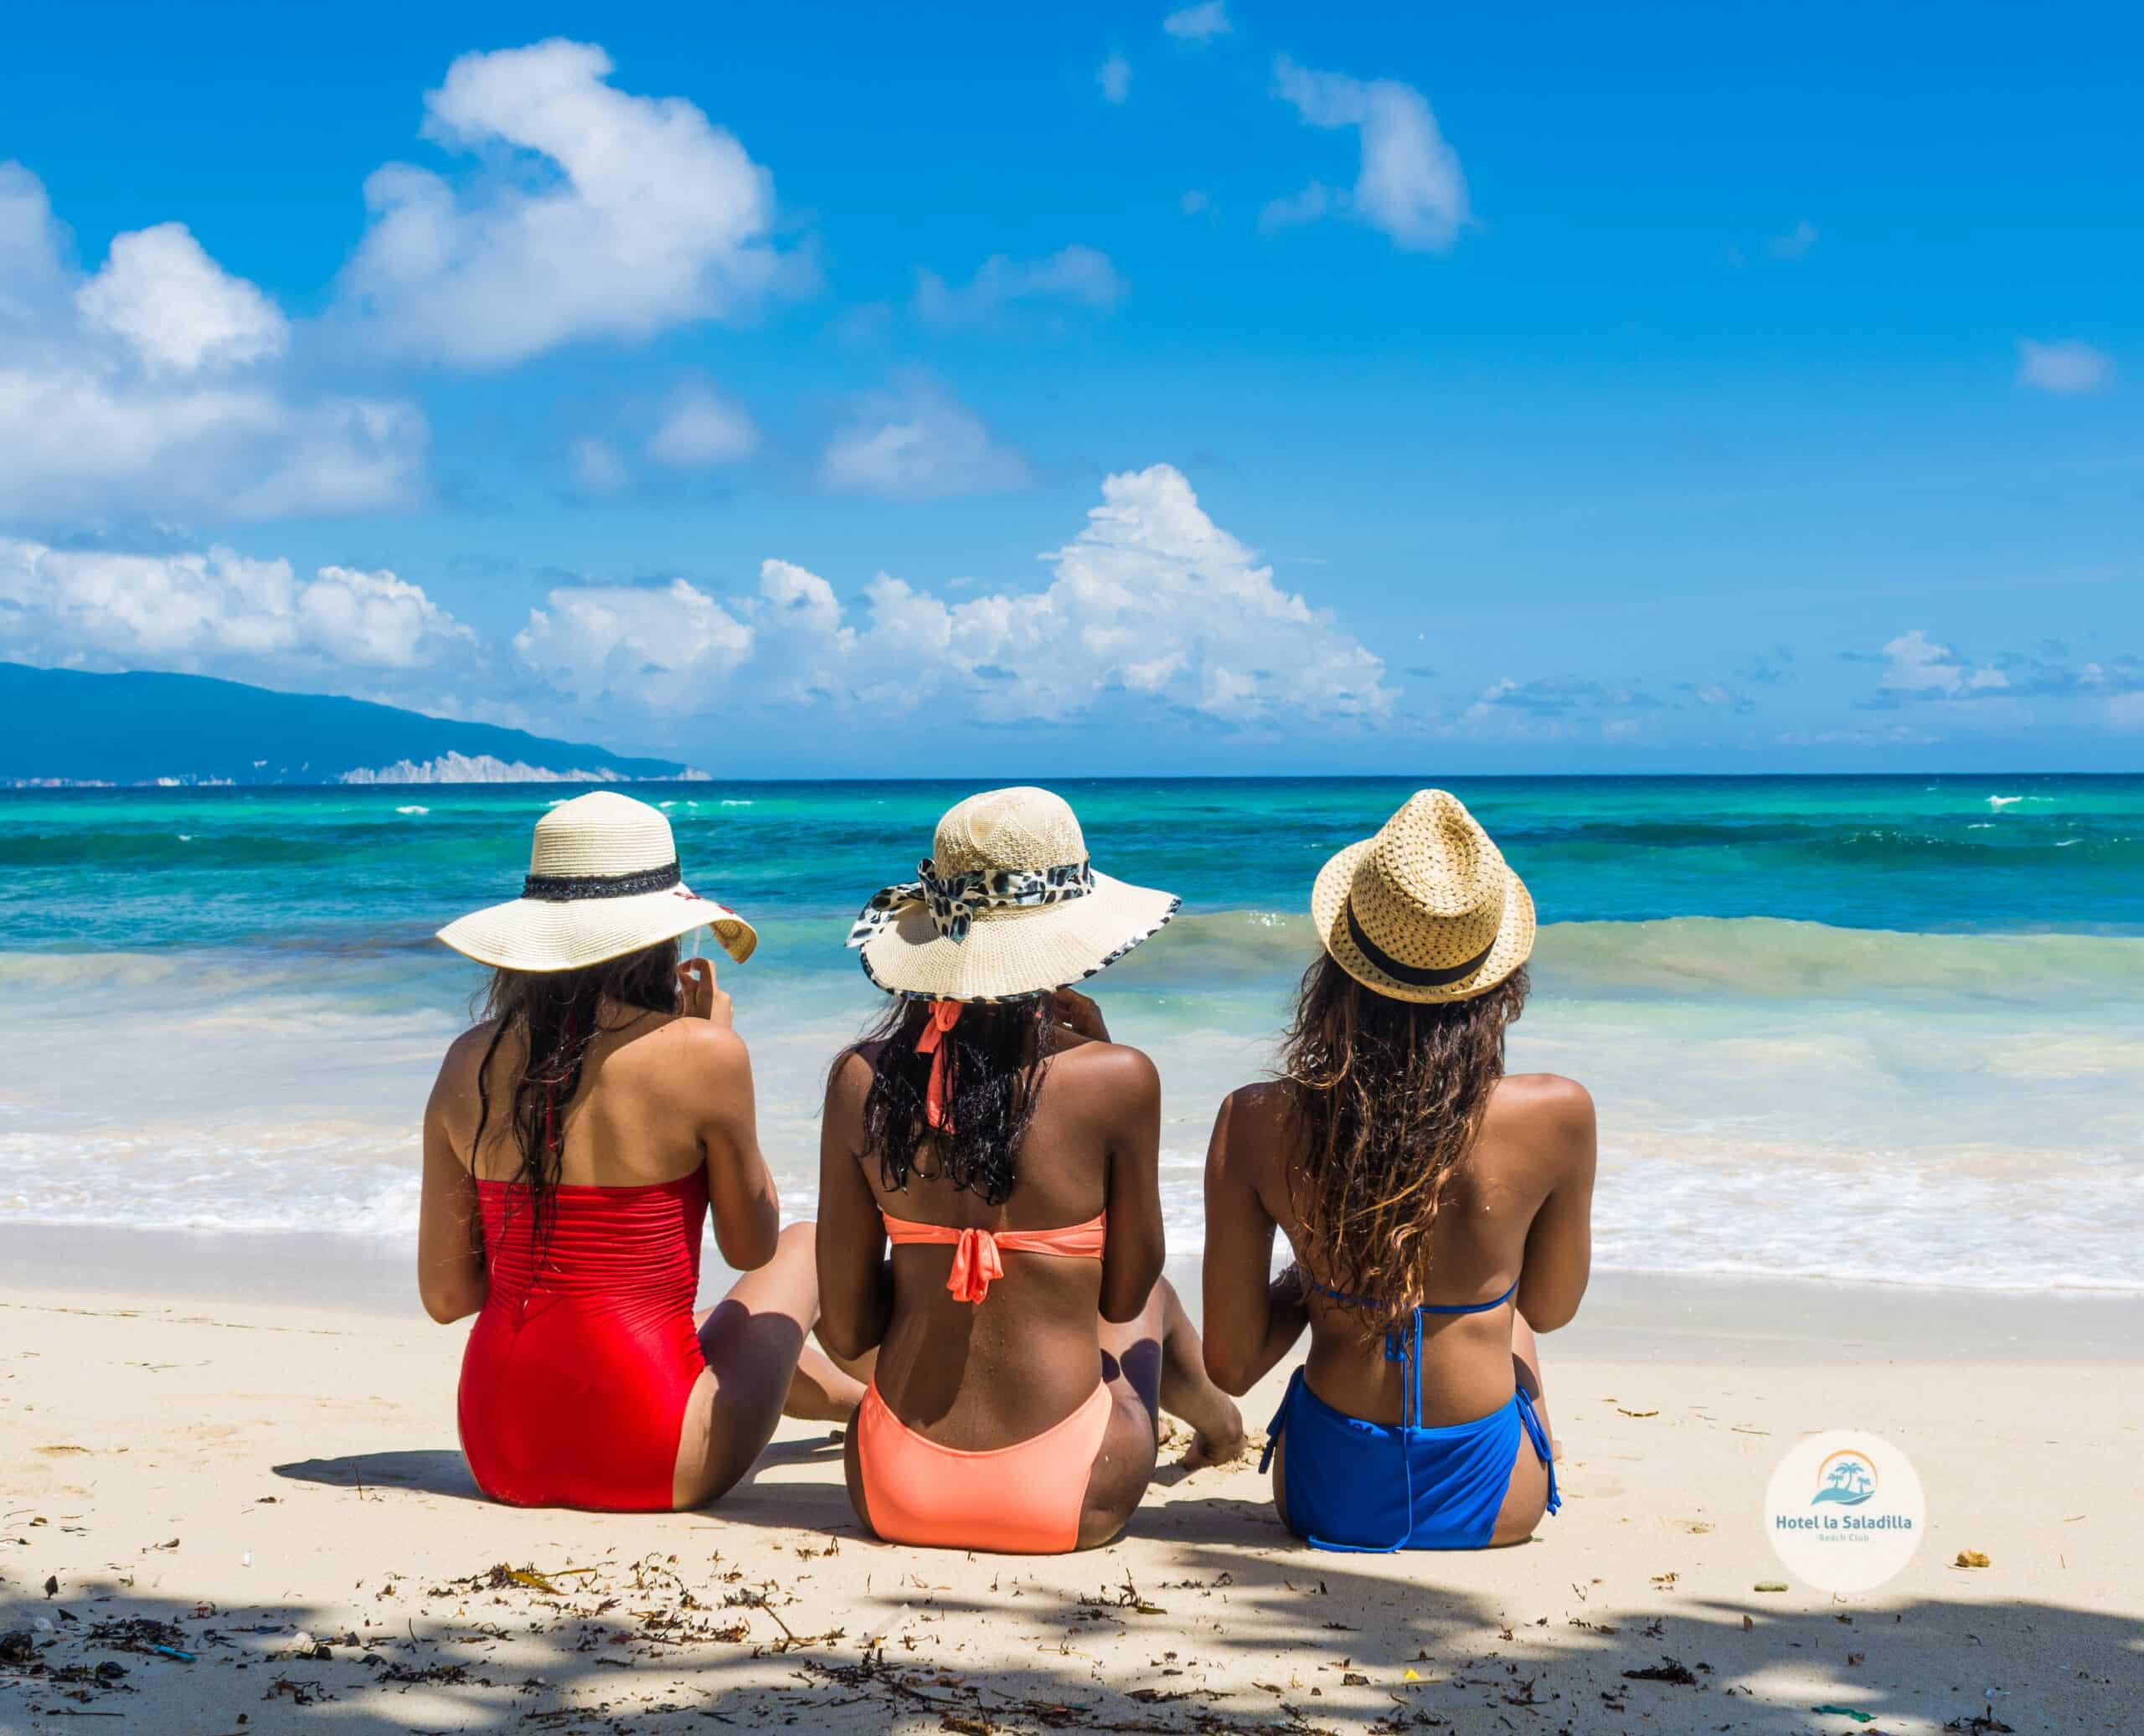 Playa de La Saladilla